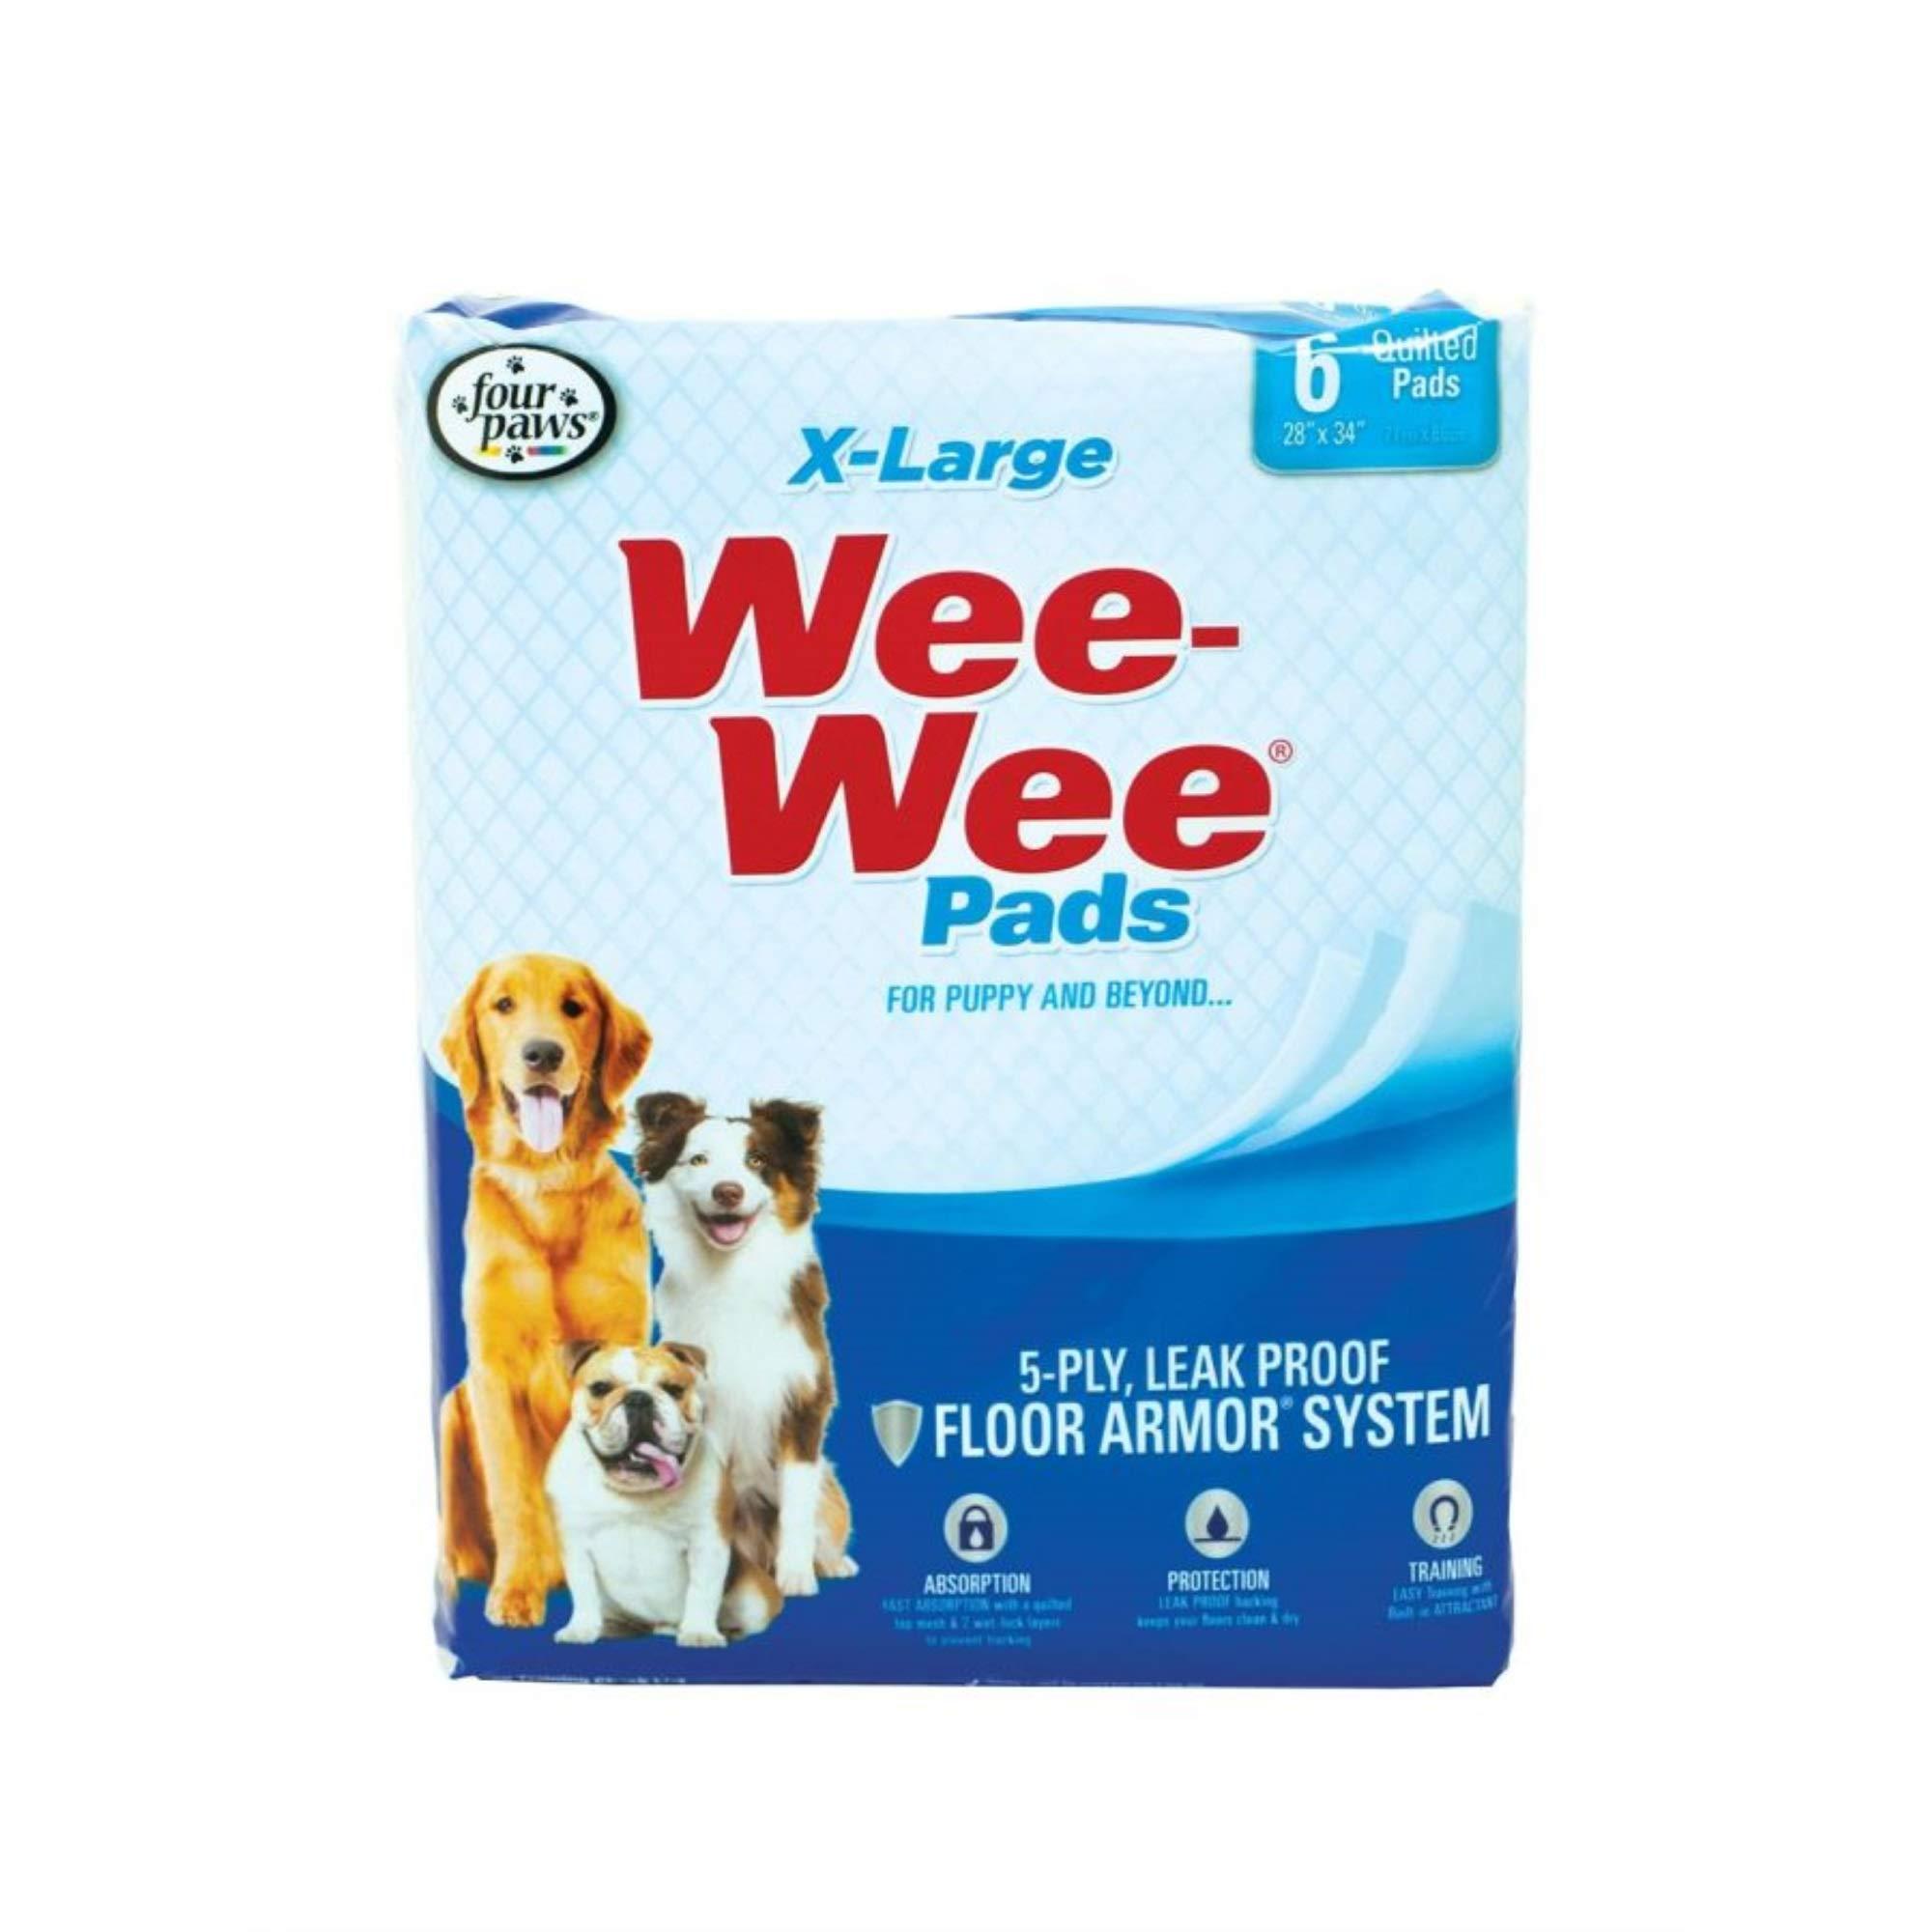 Wee Wee Pads - 75 Pack X-Large by Wee Wee Pads